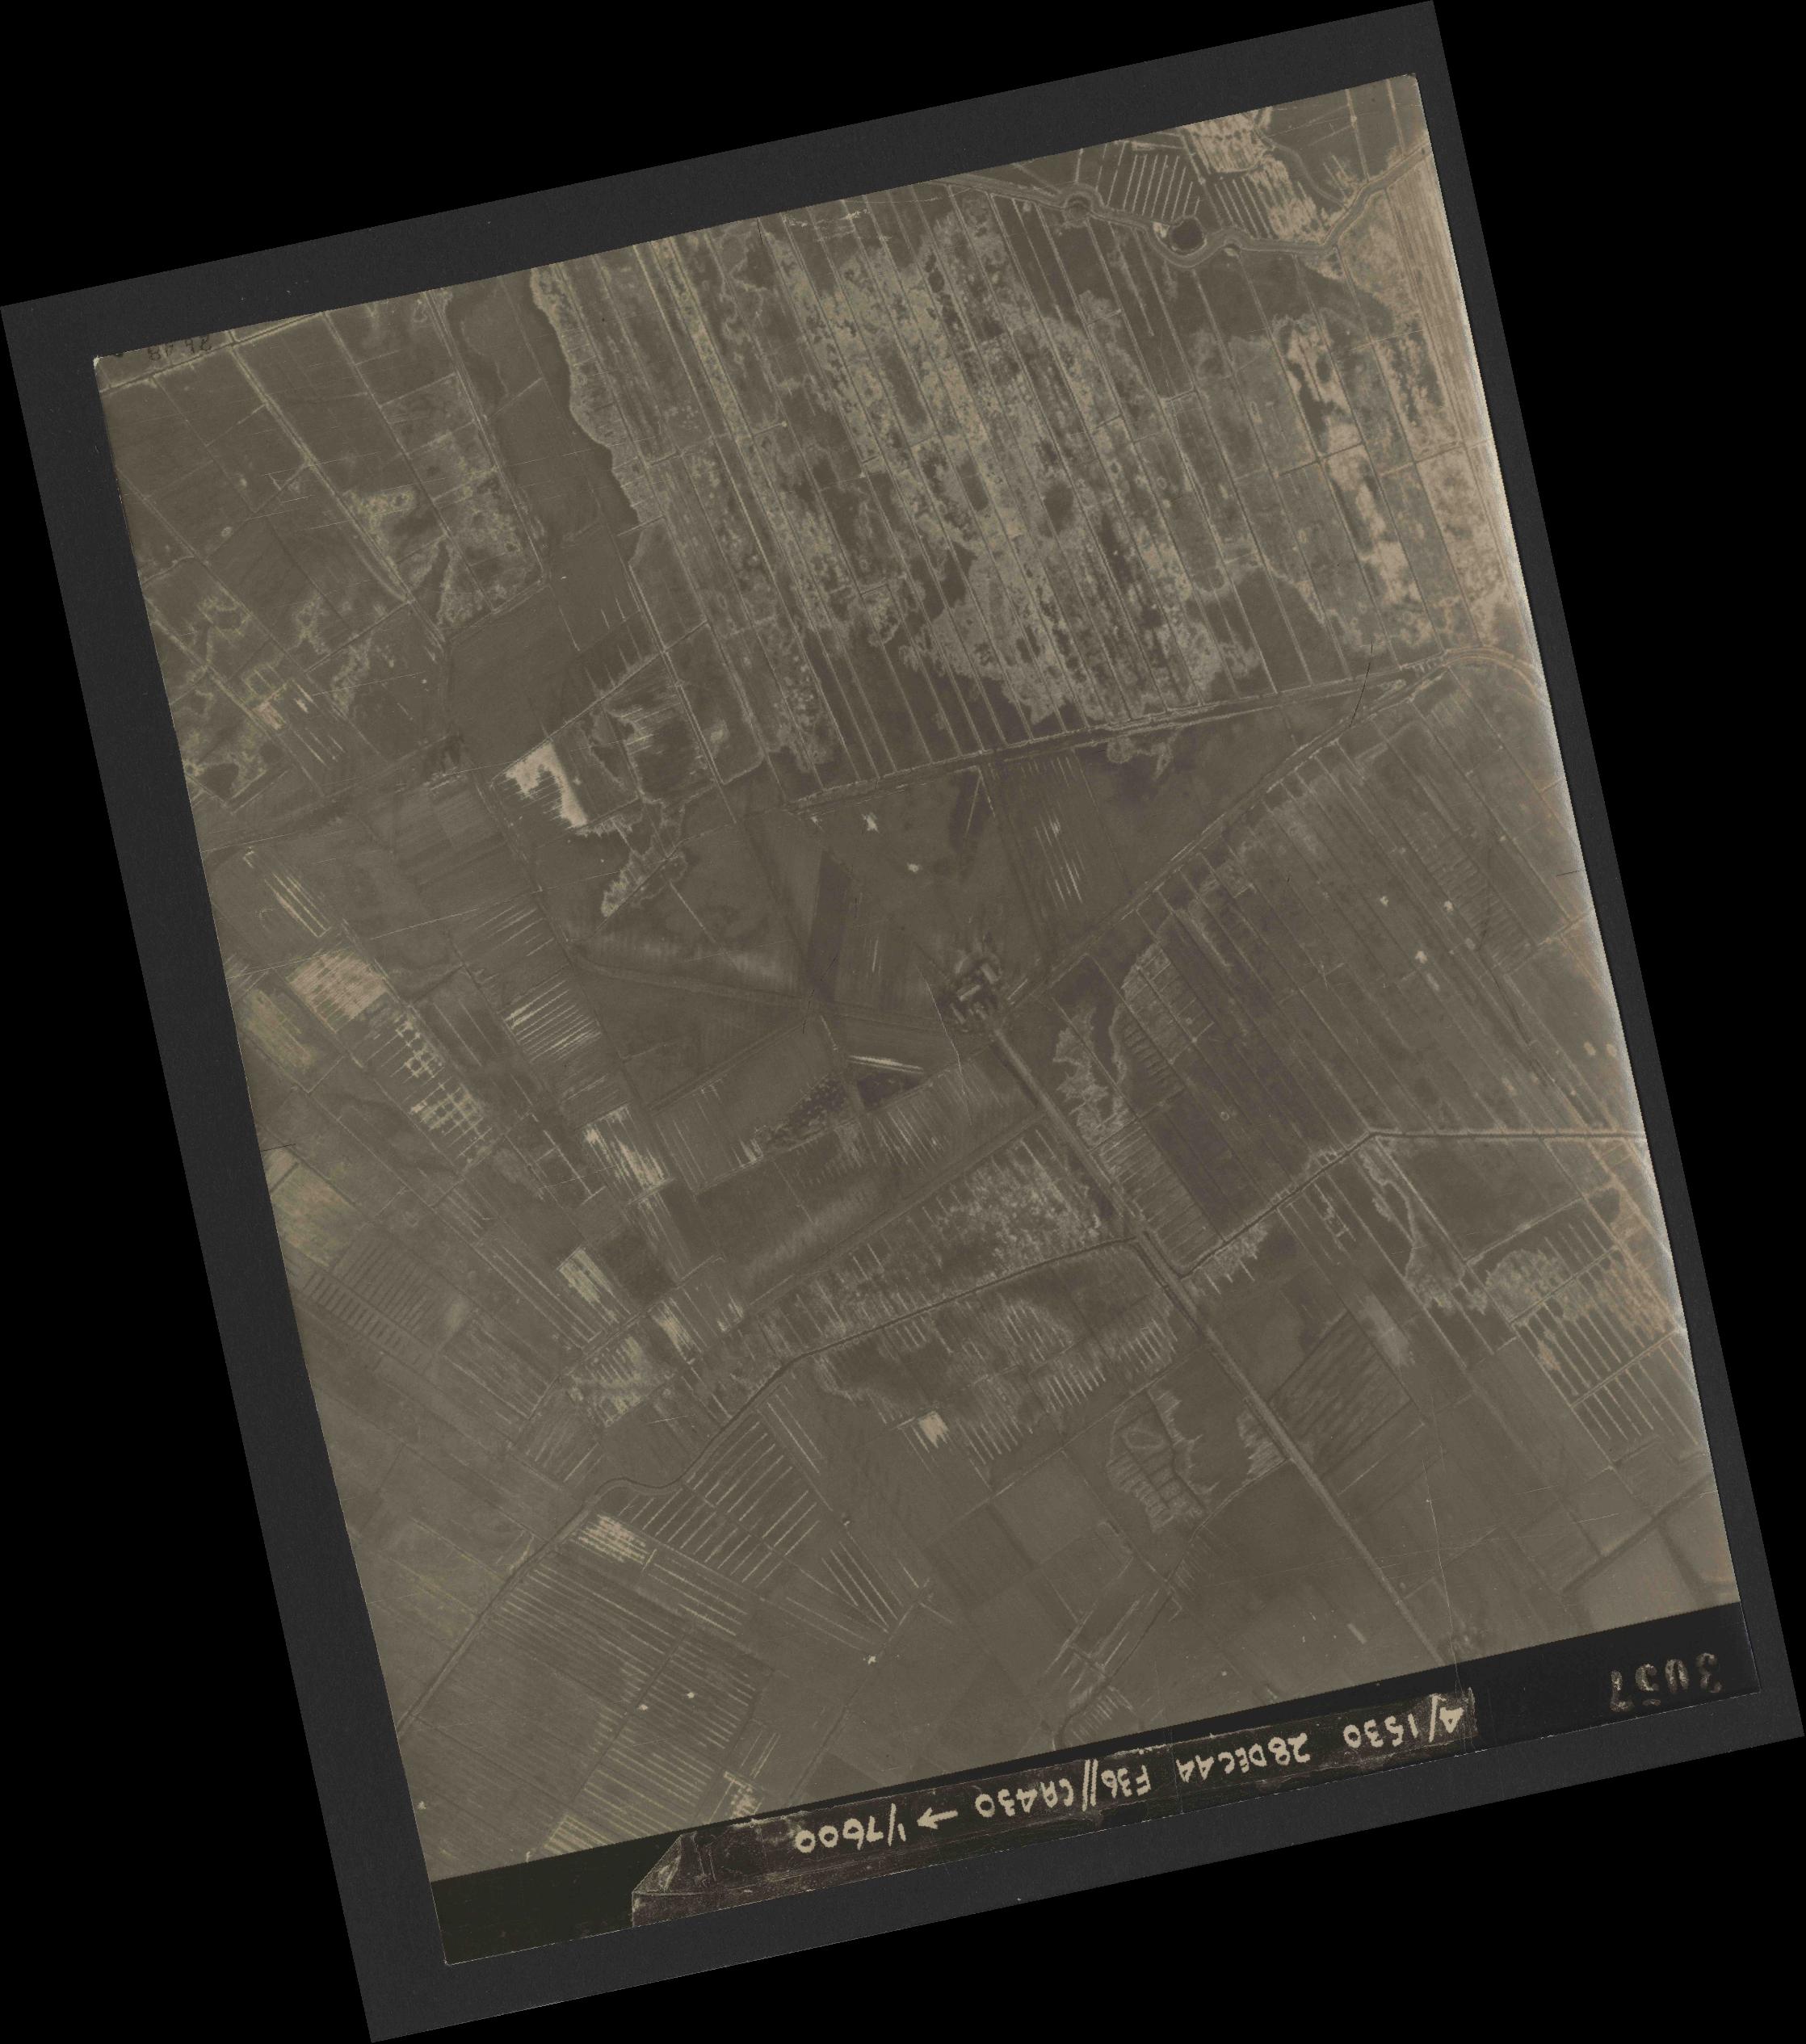 Collection RAF aerial photos 1940-1945 - flight 050, run 06, photo 3057